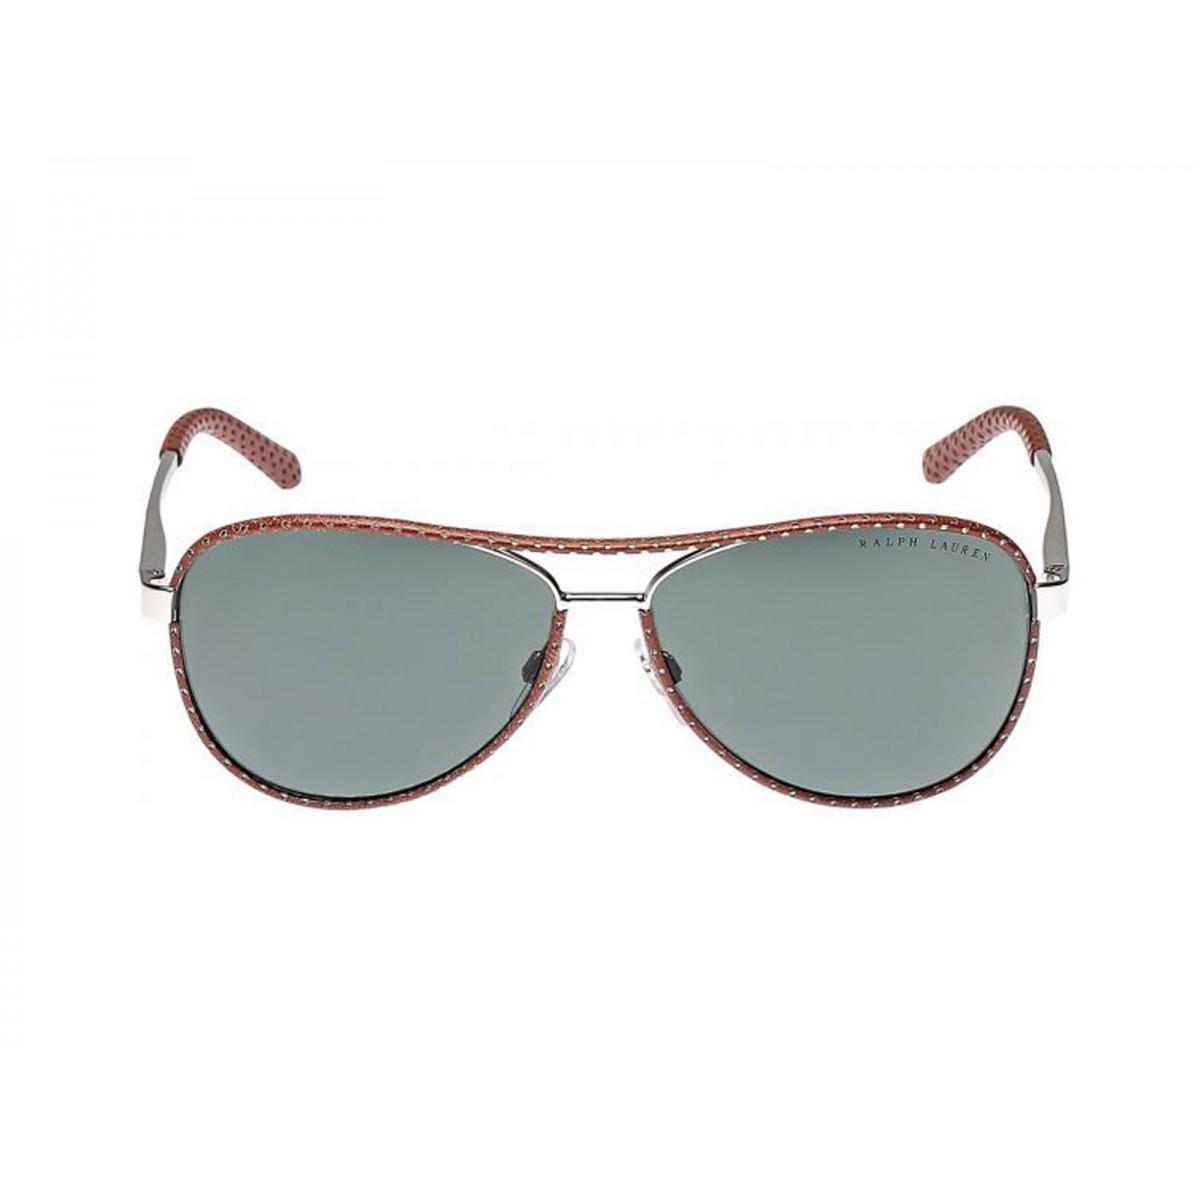 b5ec0d32bbed Ralph Lauren Silver Brown Aviator Women Sunglasses RLS7050Q-929871 ...